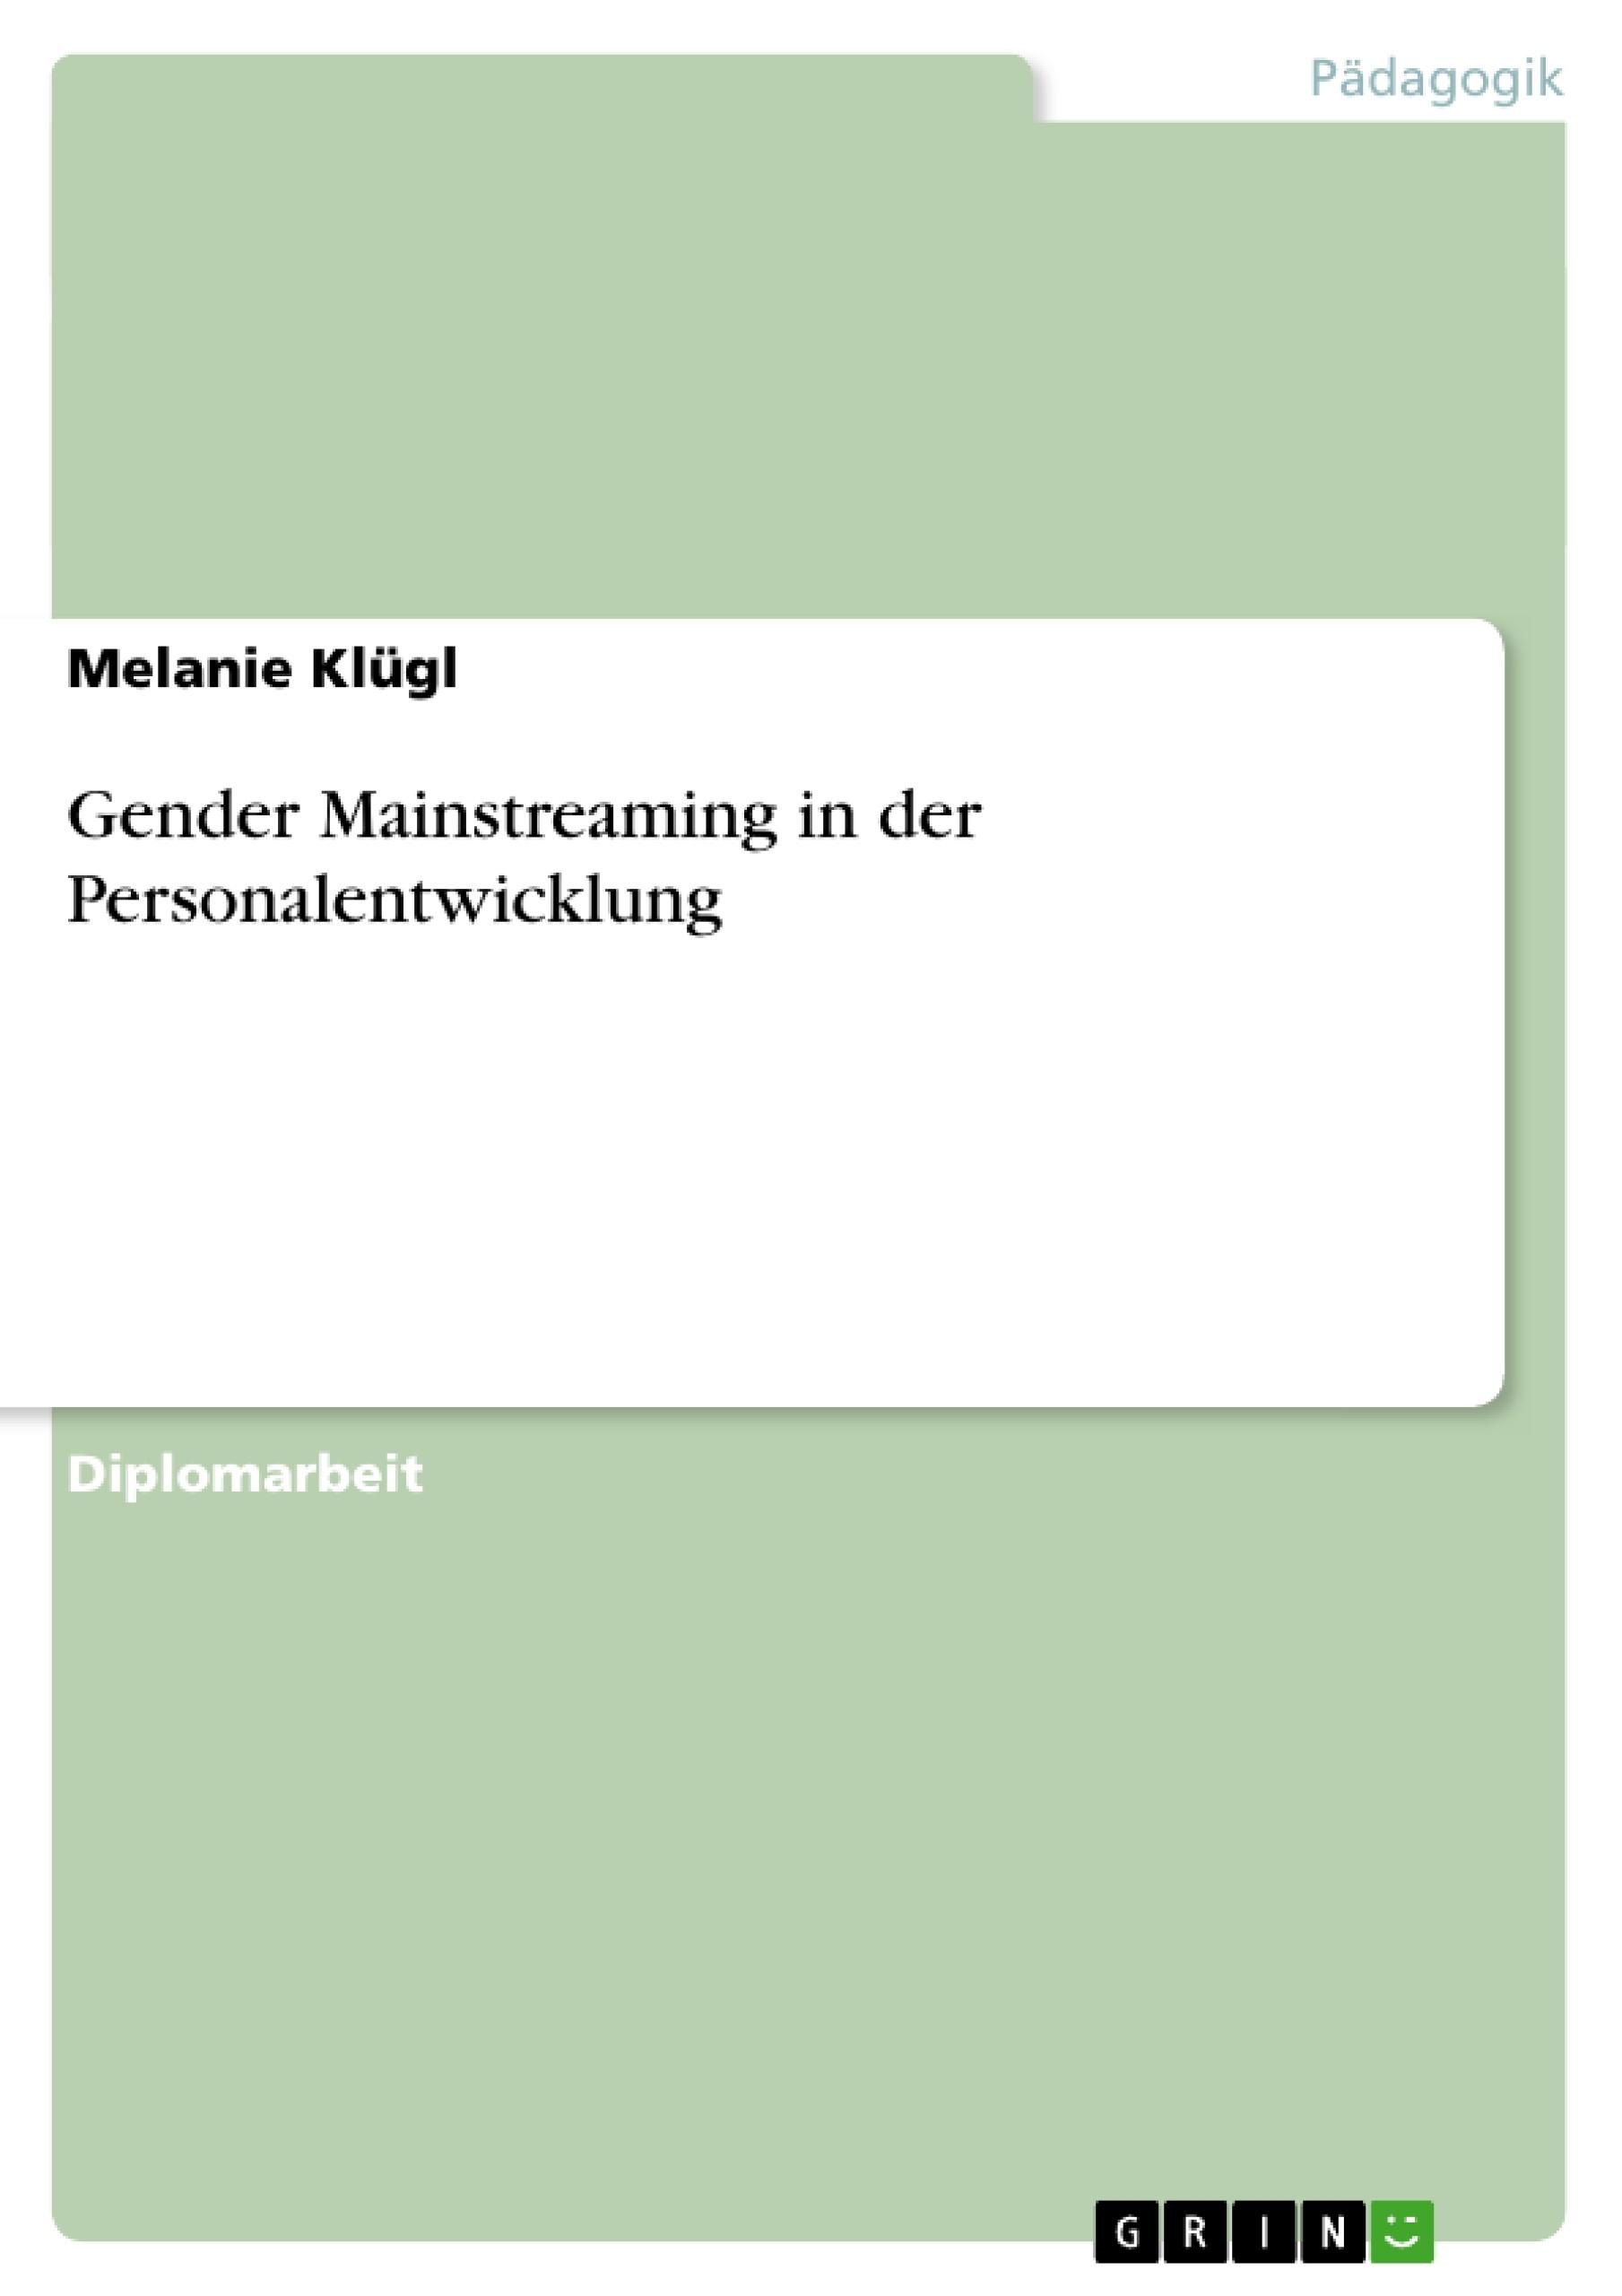 Titel: Gender Mainstreaming in der Personalentwicklung